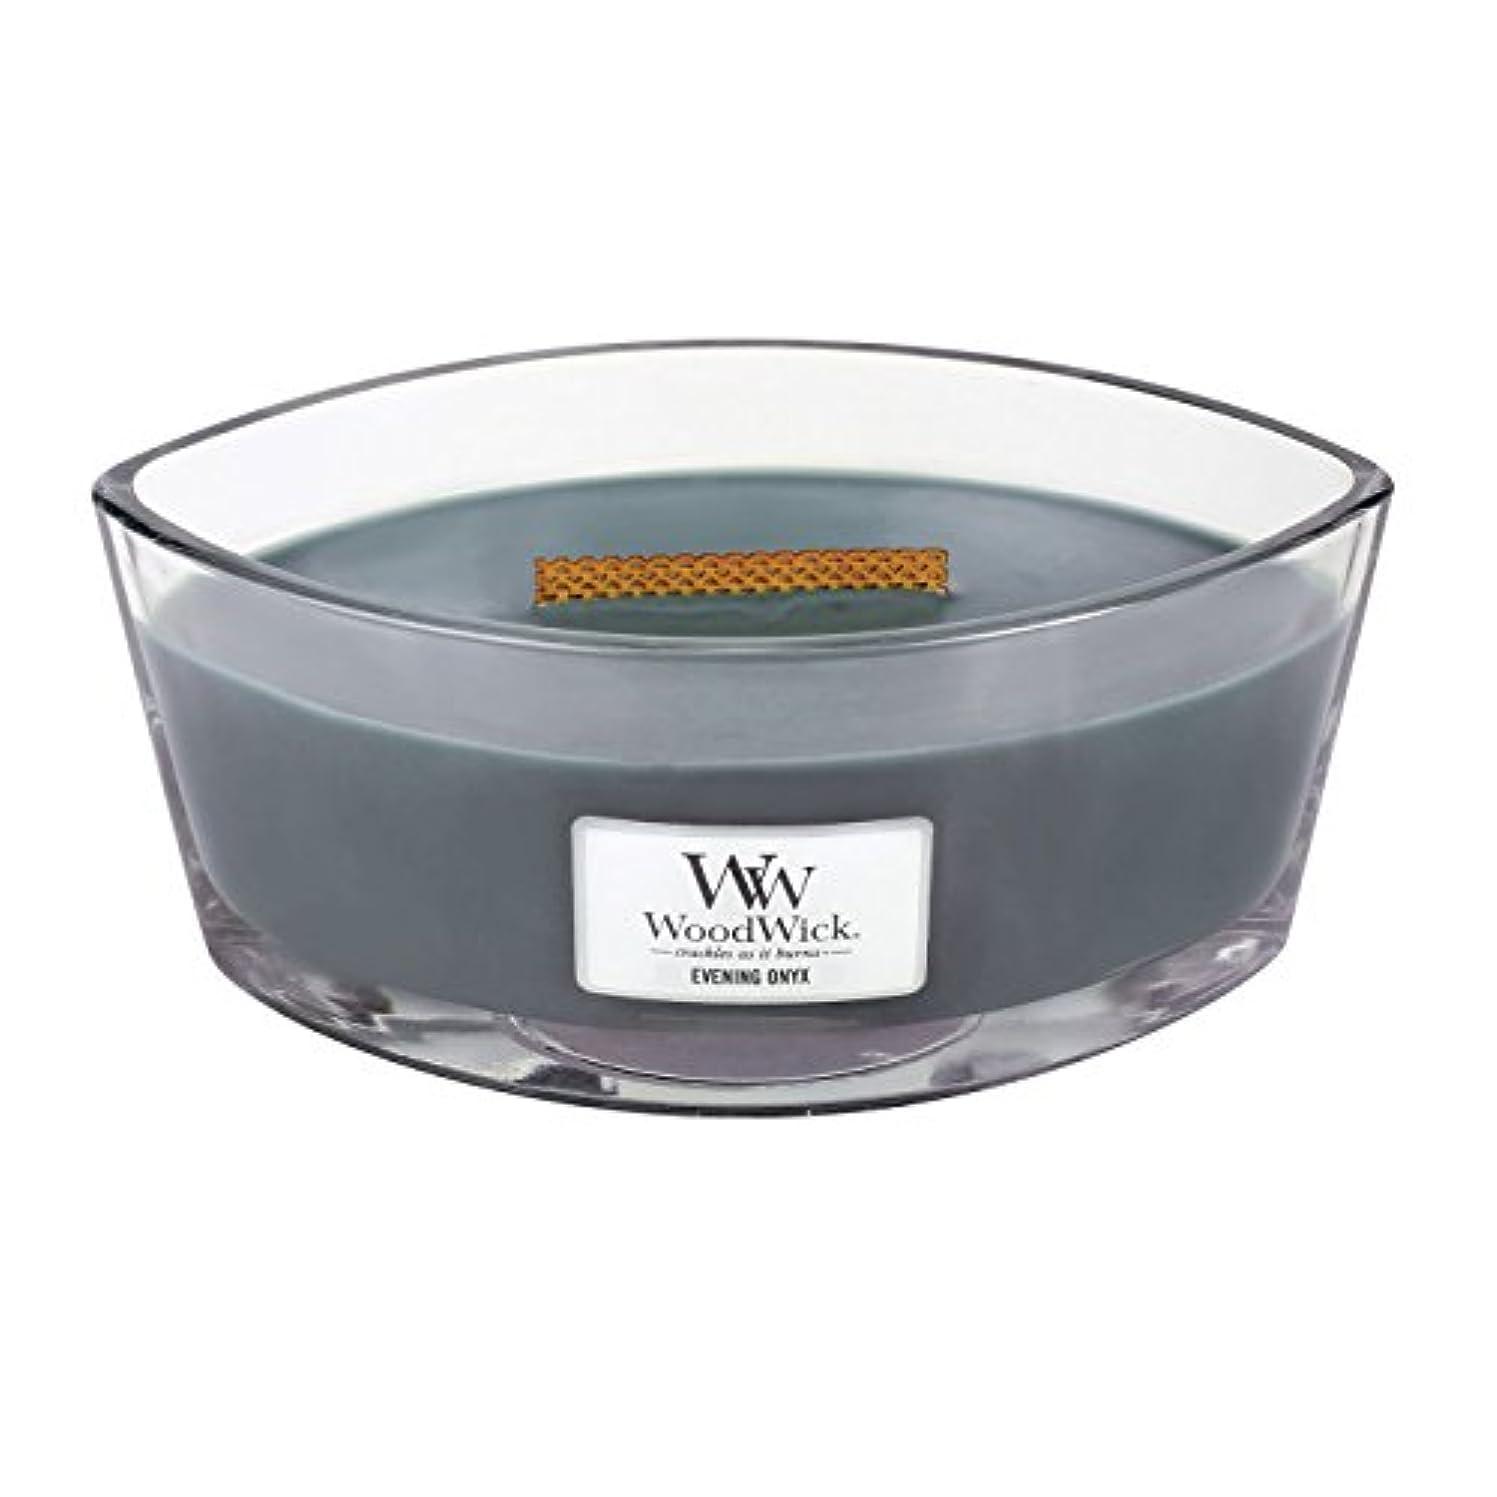 破壊メディカル再編成するWoodWick EVENING ONYX, Highly Scented Candle, Ellipse Glass Jar with Original HearthWick Flame, Large 18cm, 470ml